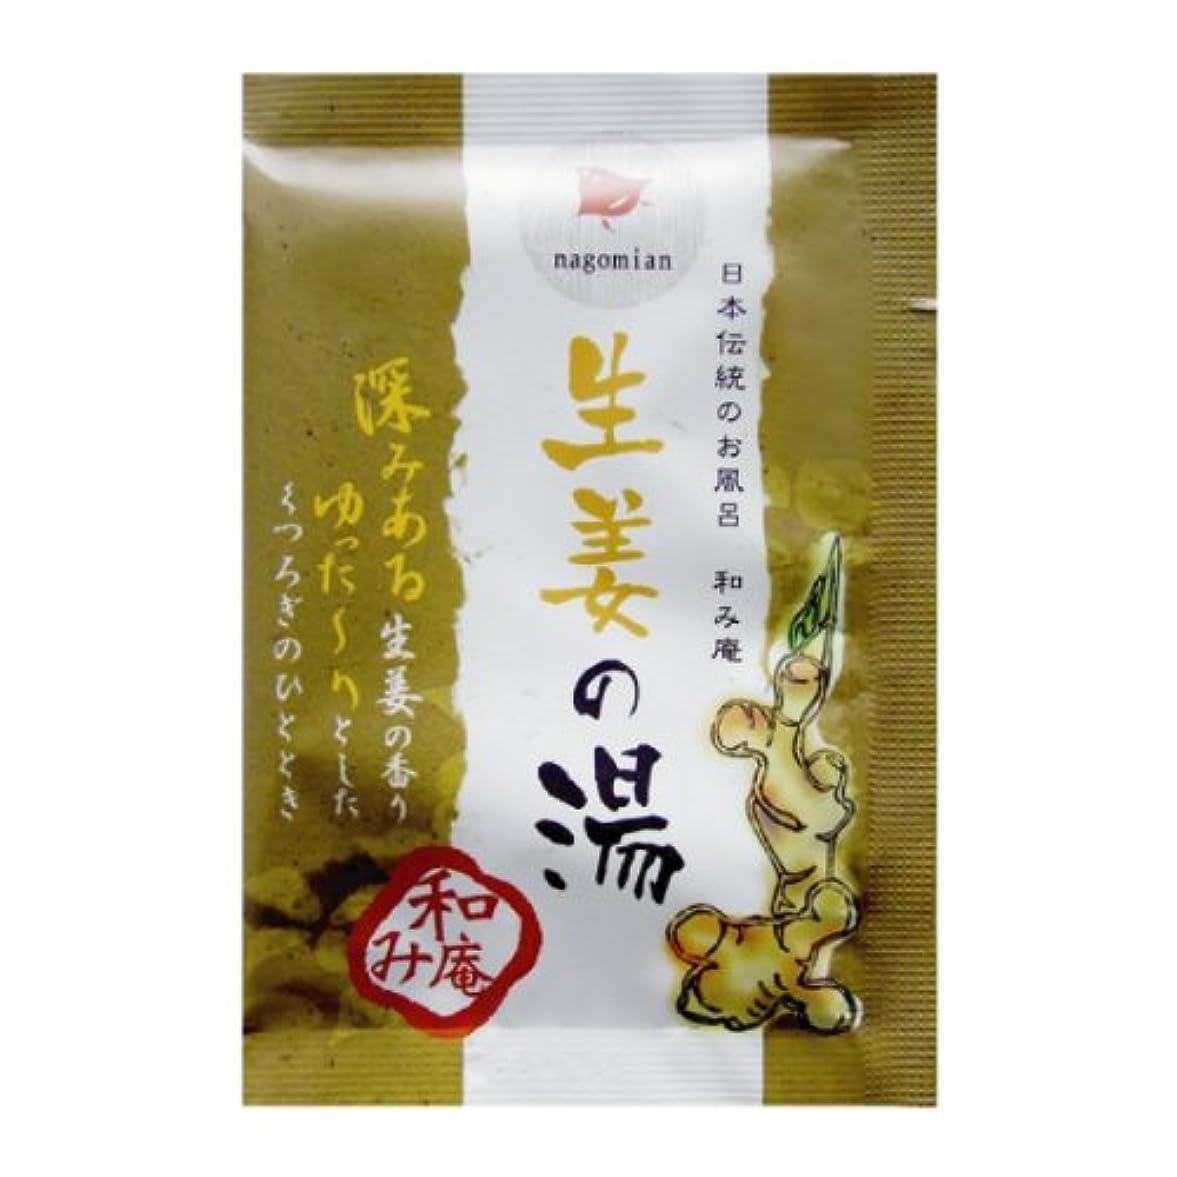 ブラジャー話をする感謝している日本伝統のお風呂 和み庵 生姜の湯 200包